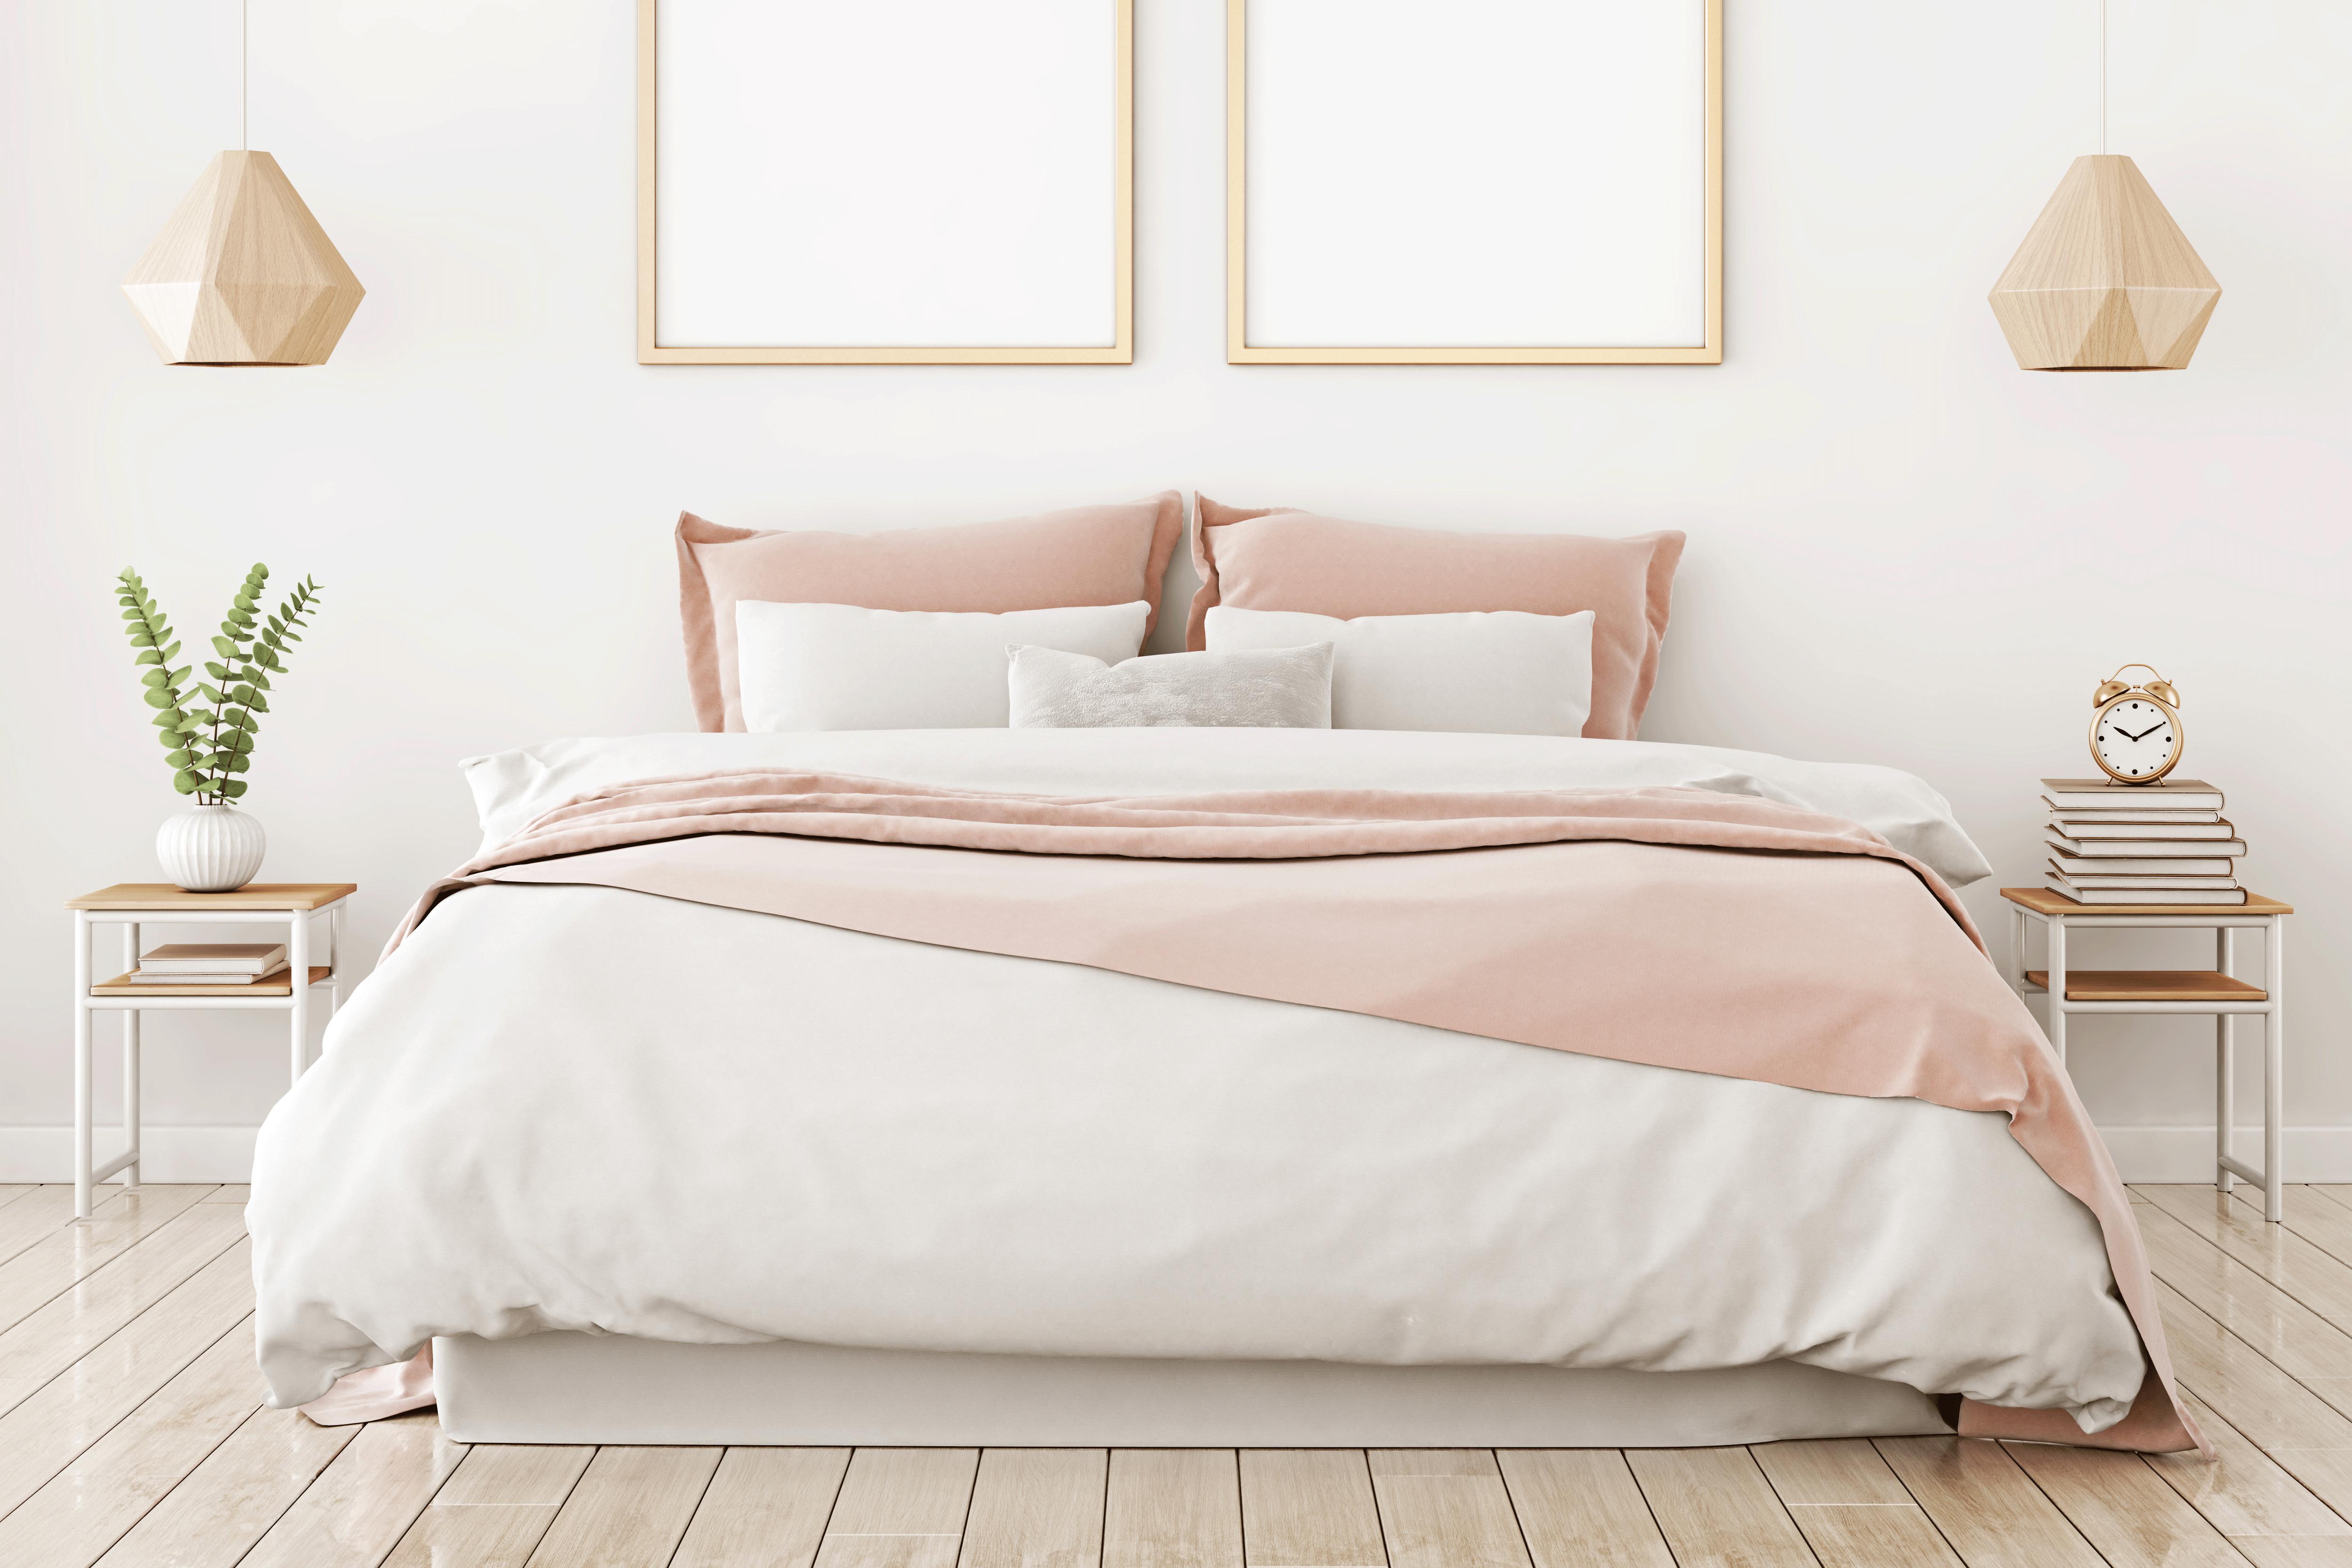 Dimensioni Finestre Camera Da Letto camera da letto: 5 regole per dormire bene - oaoa blog